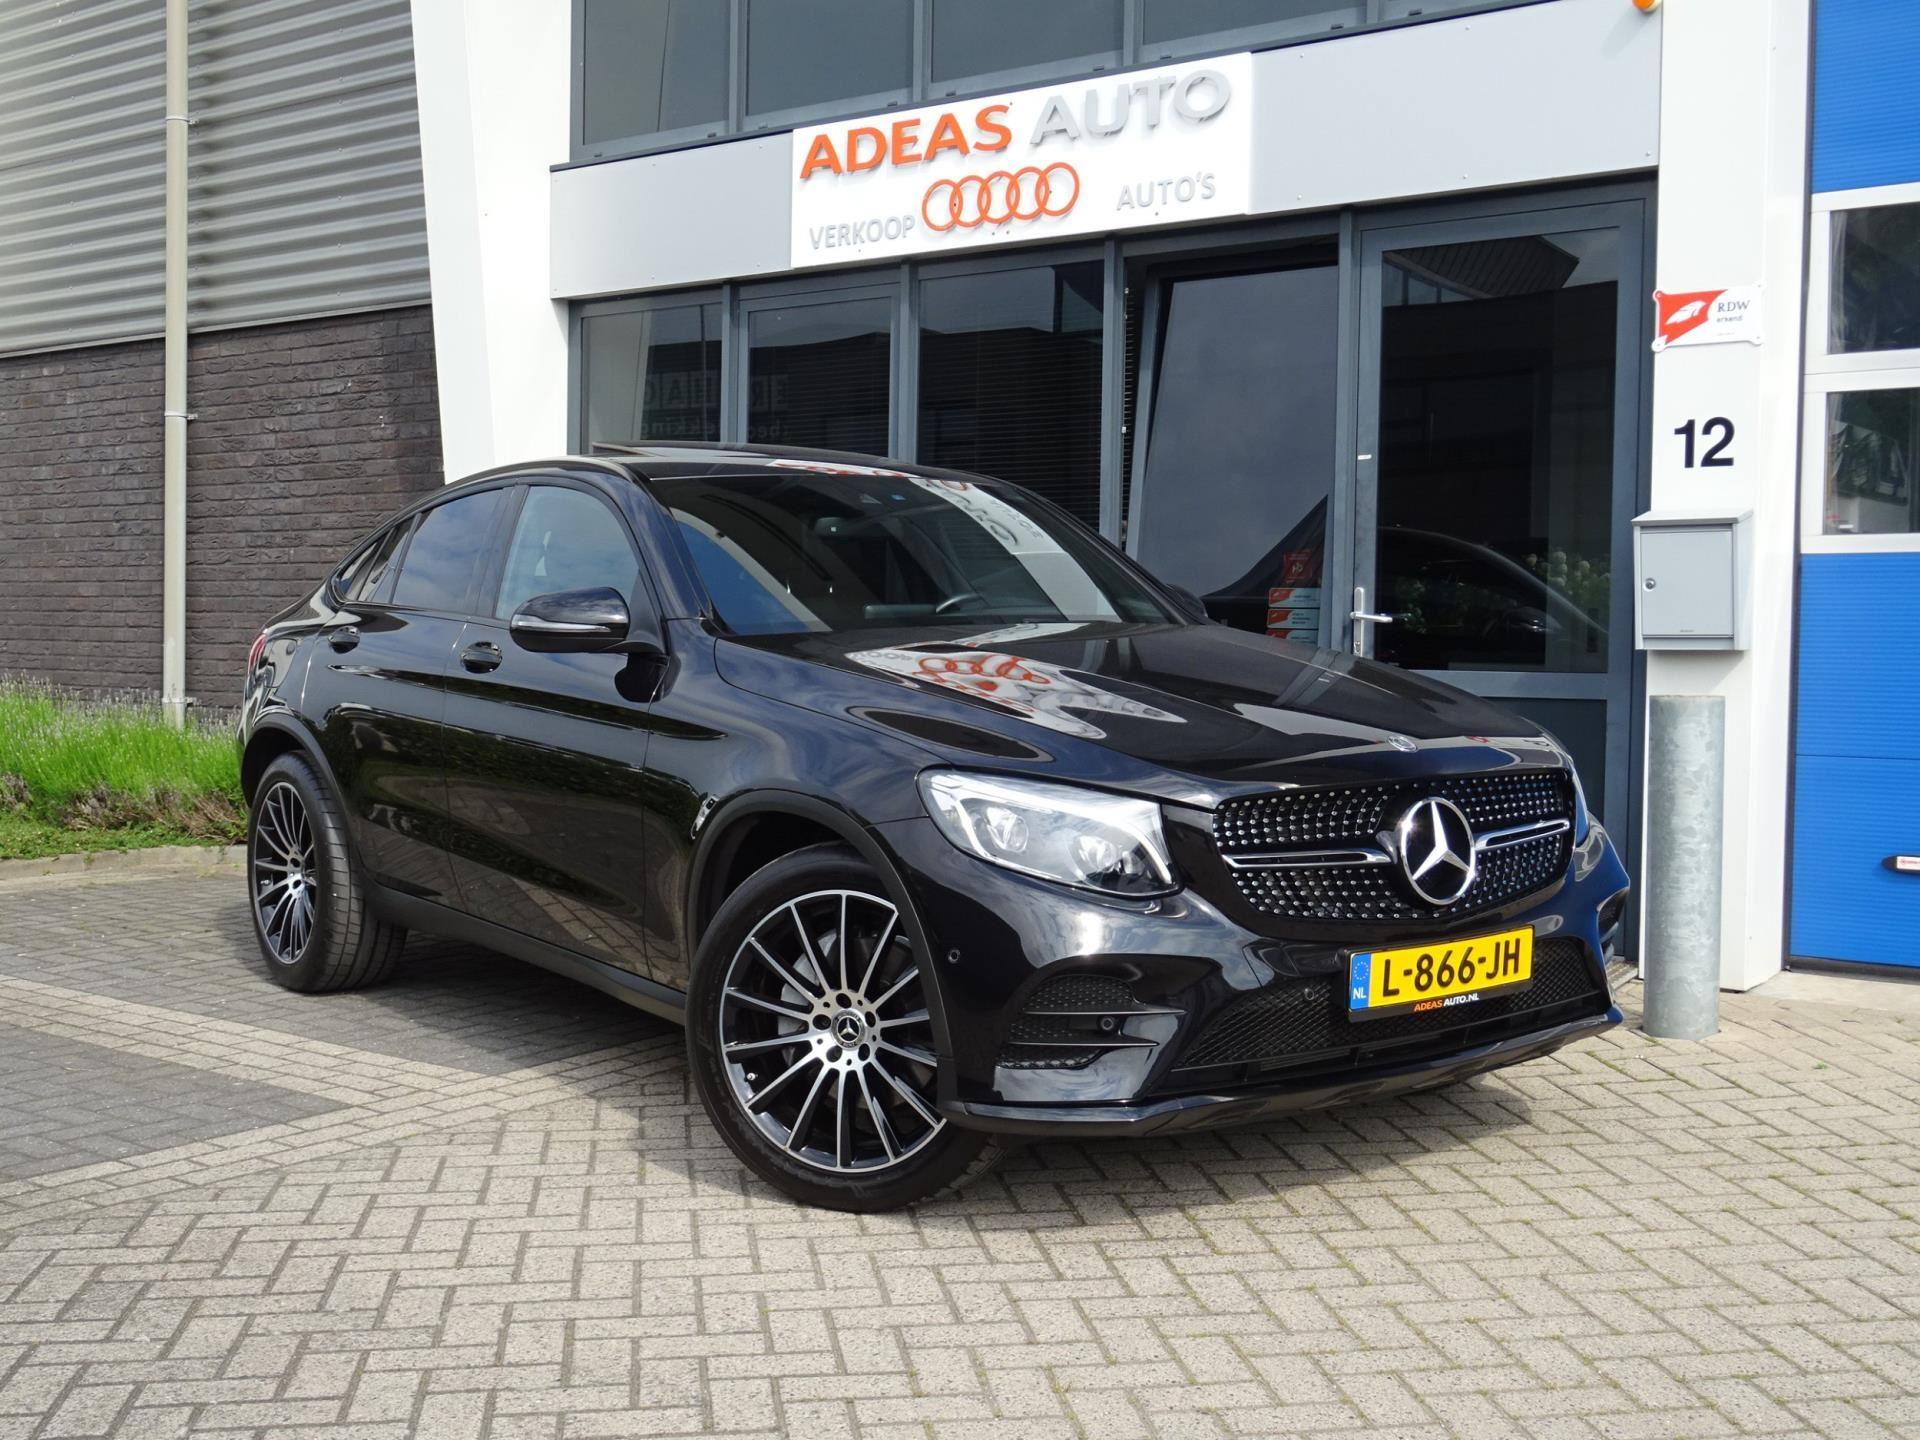 Mercedes-Benz GLC-klasse Coupé occasion - Adeas Auto